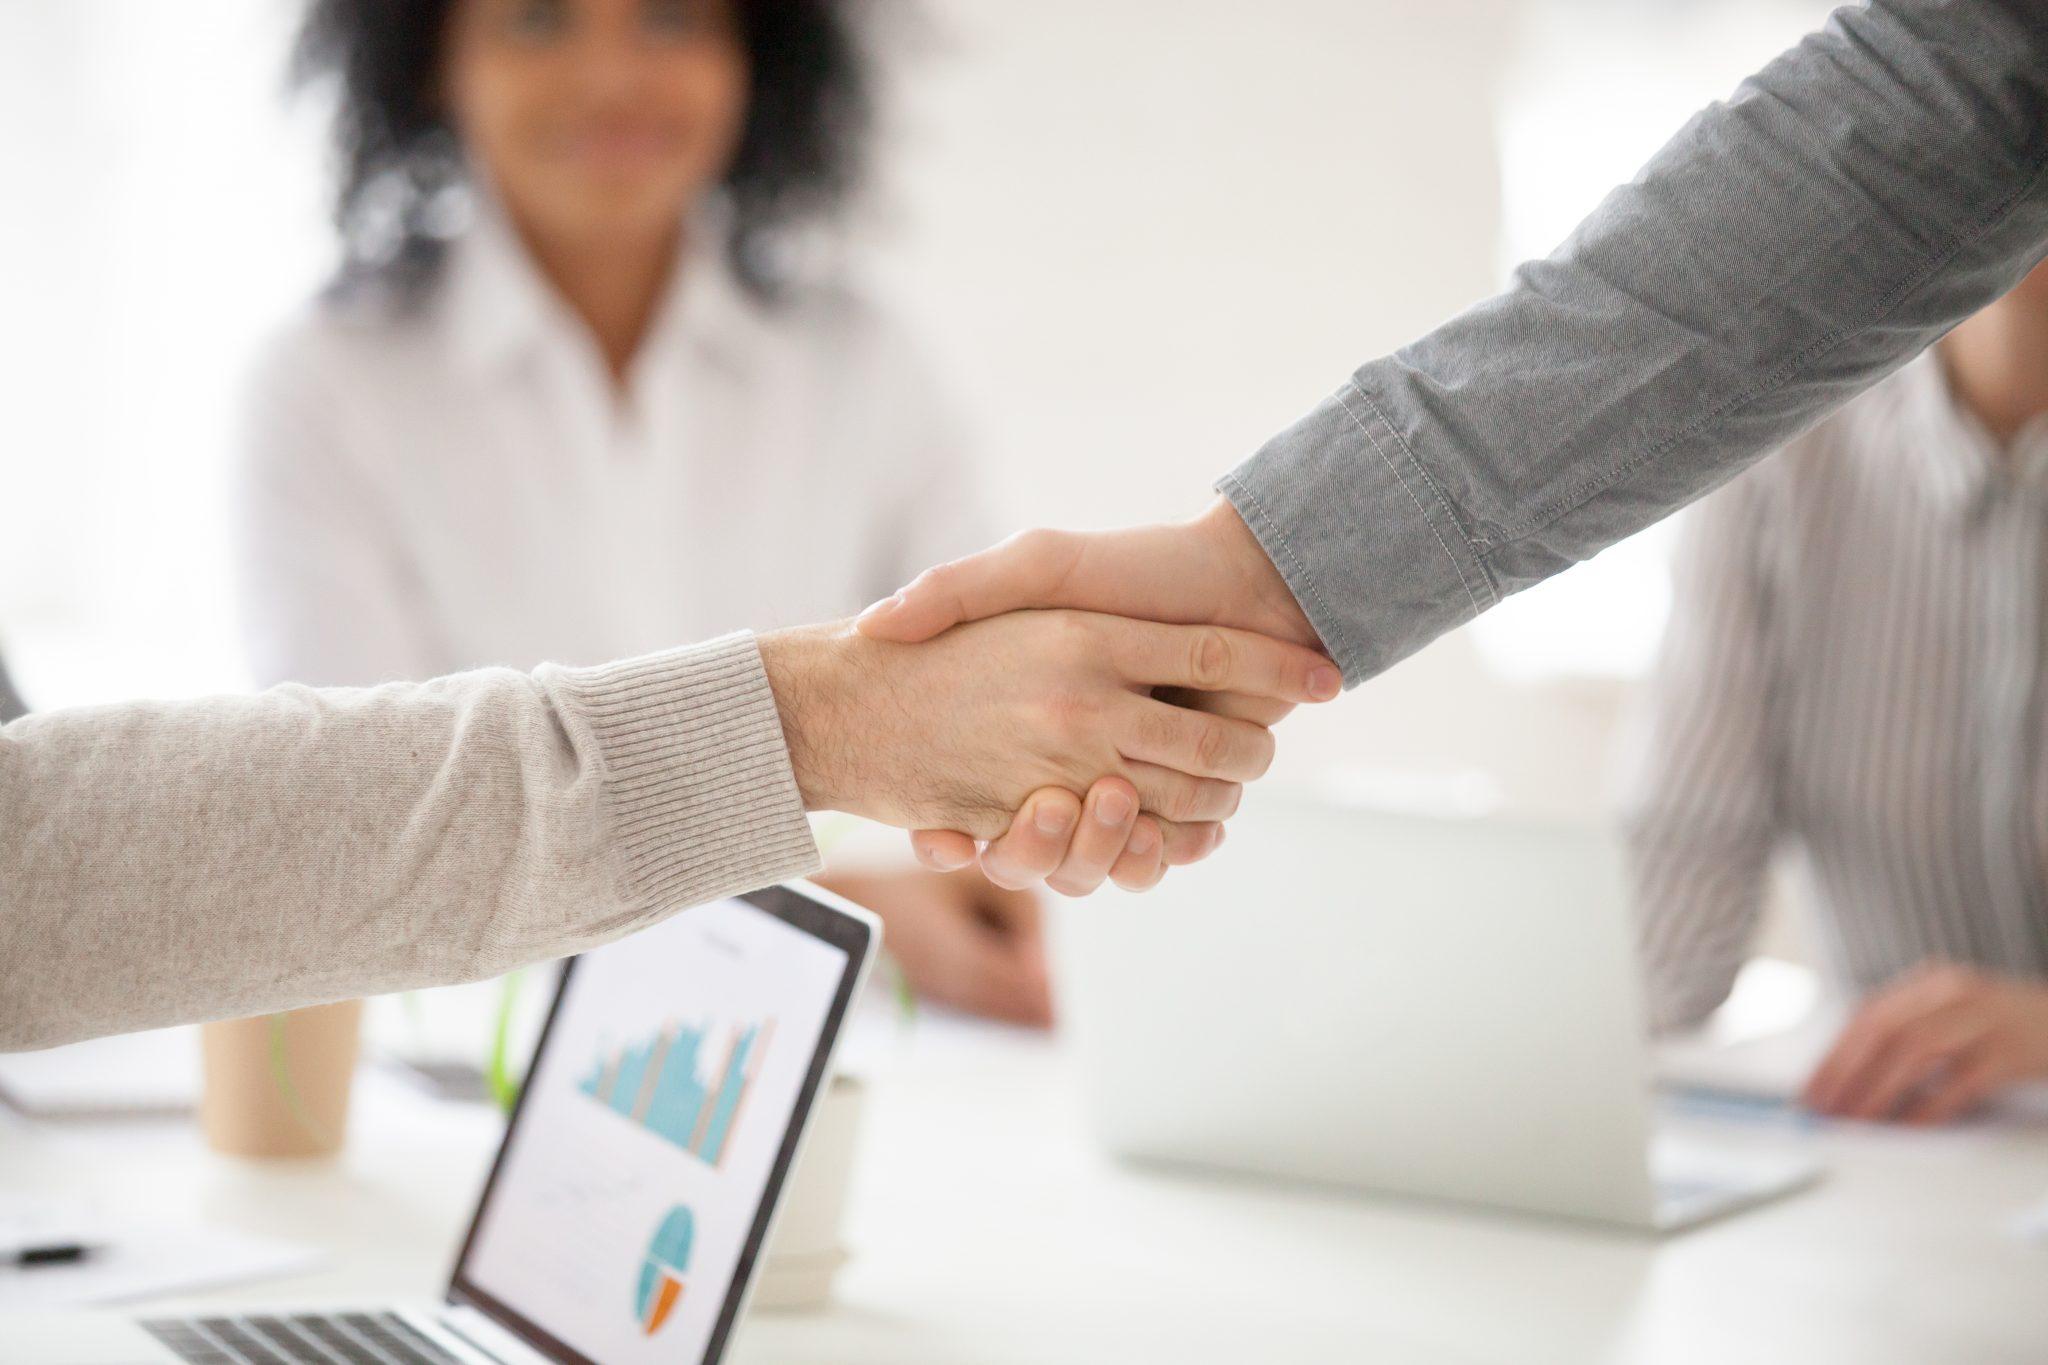 Pourquoi le métier d'agent immobilier est-il différent d'une région à l'autre ?